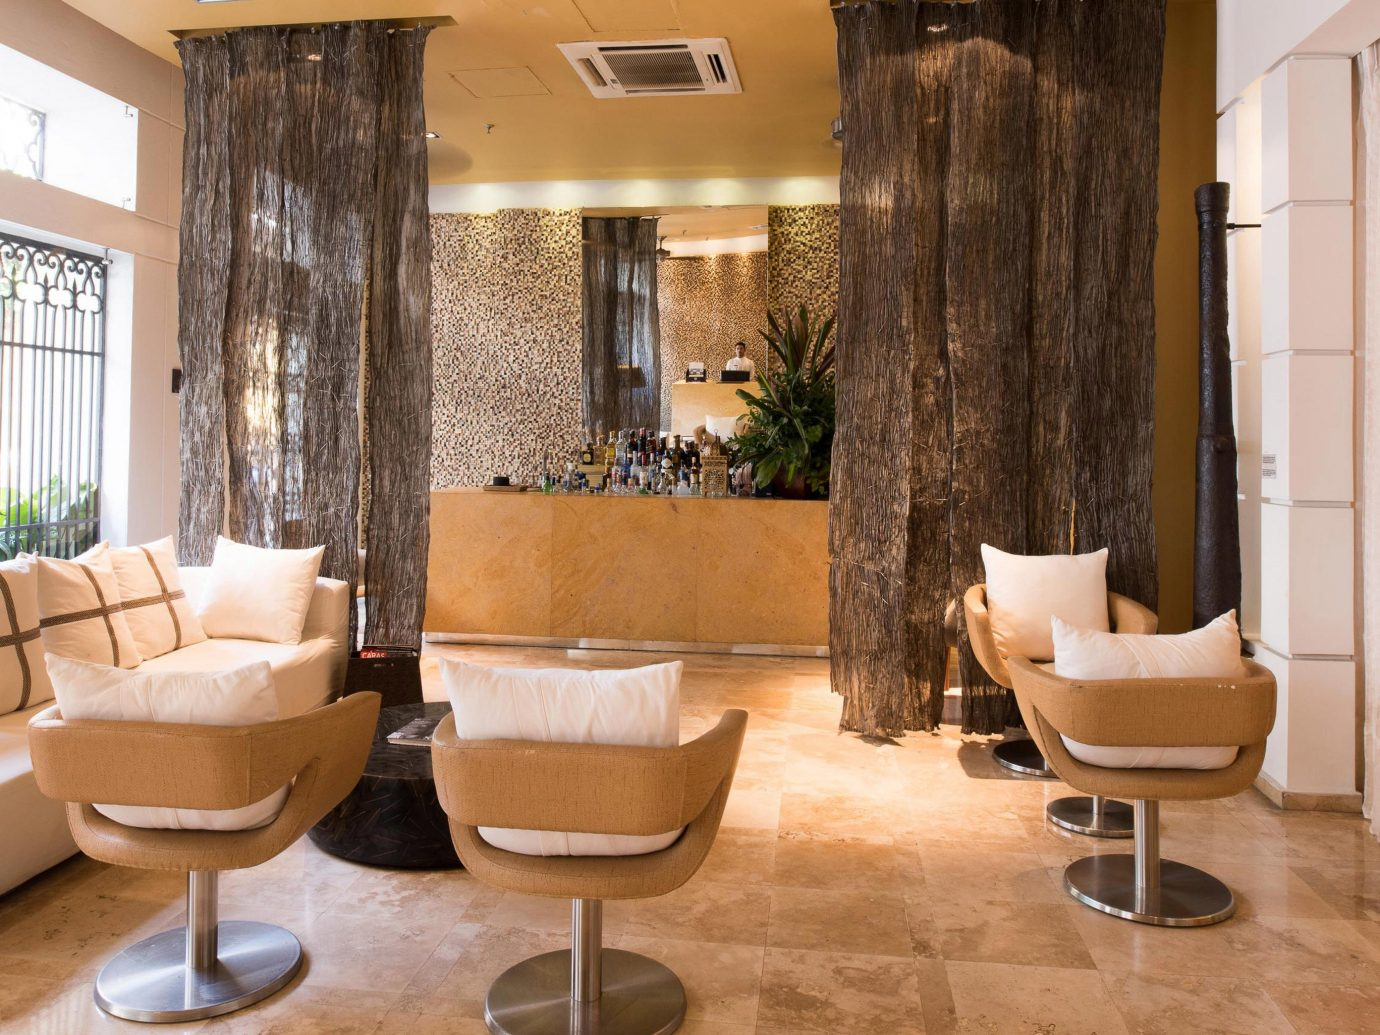 Hotels Romance room property floor Suite interior design home living room estate Lobby bathroom flooring condominium Design real estate furniture apartment tub stone